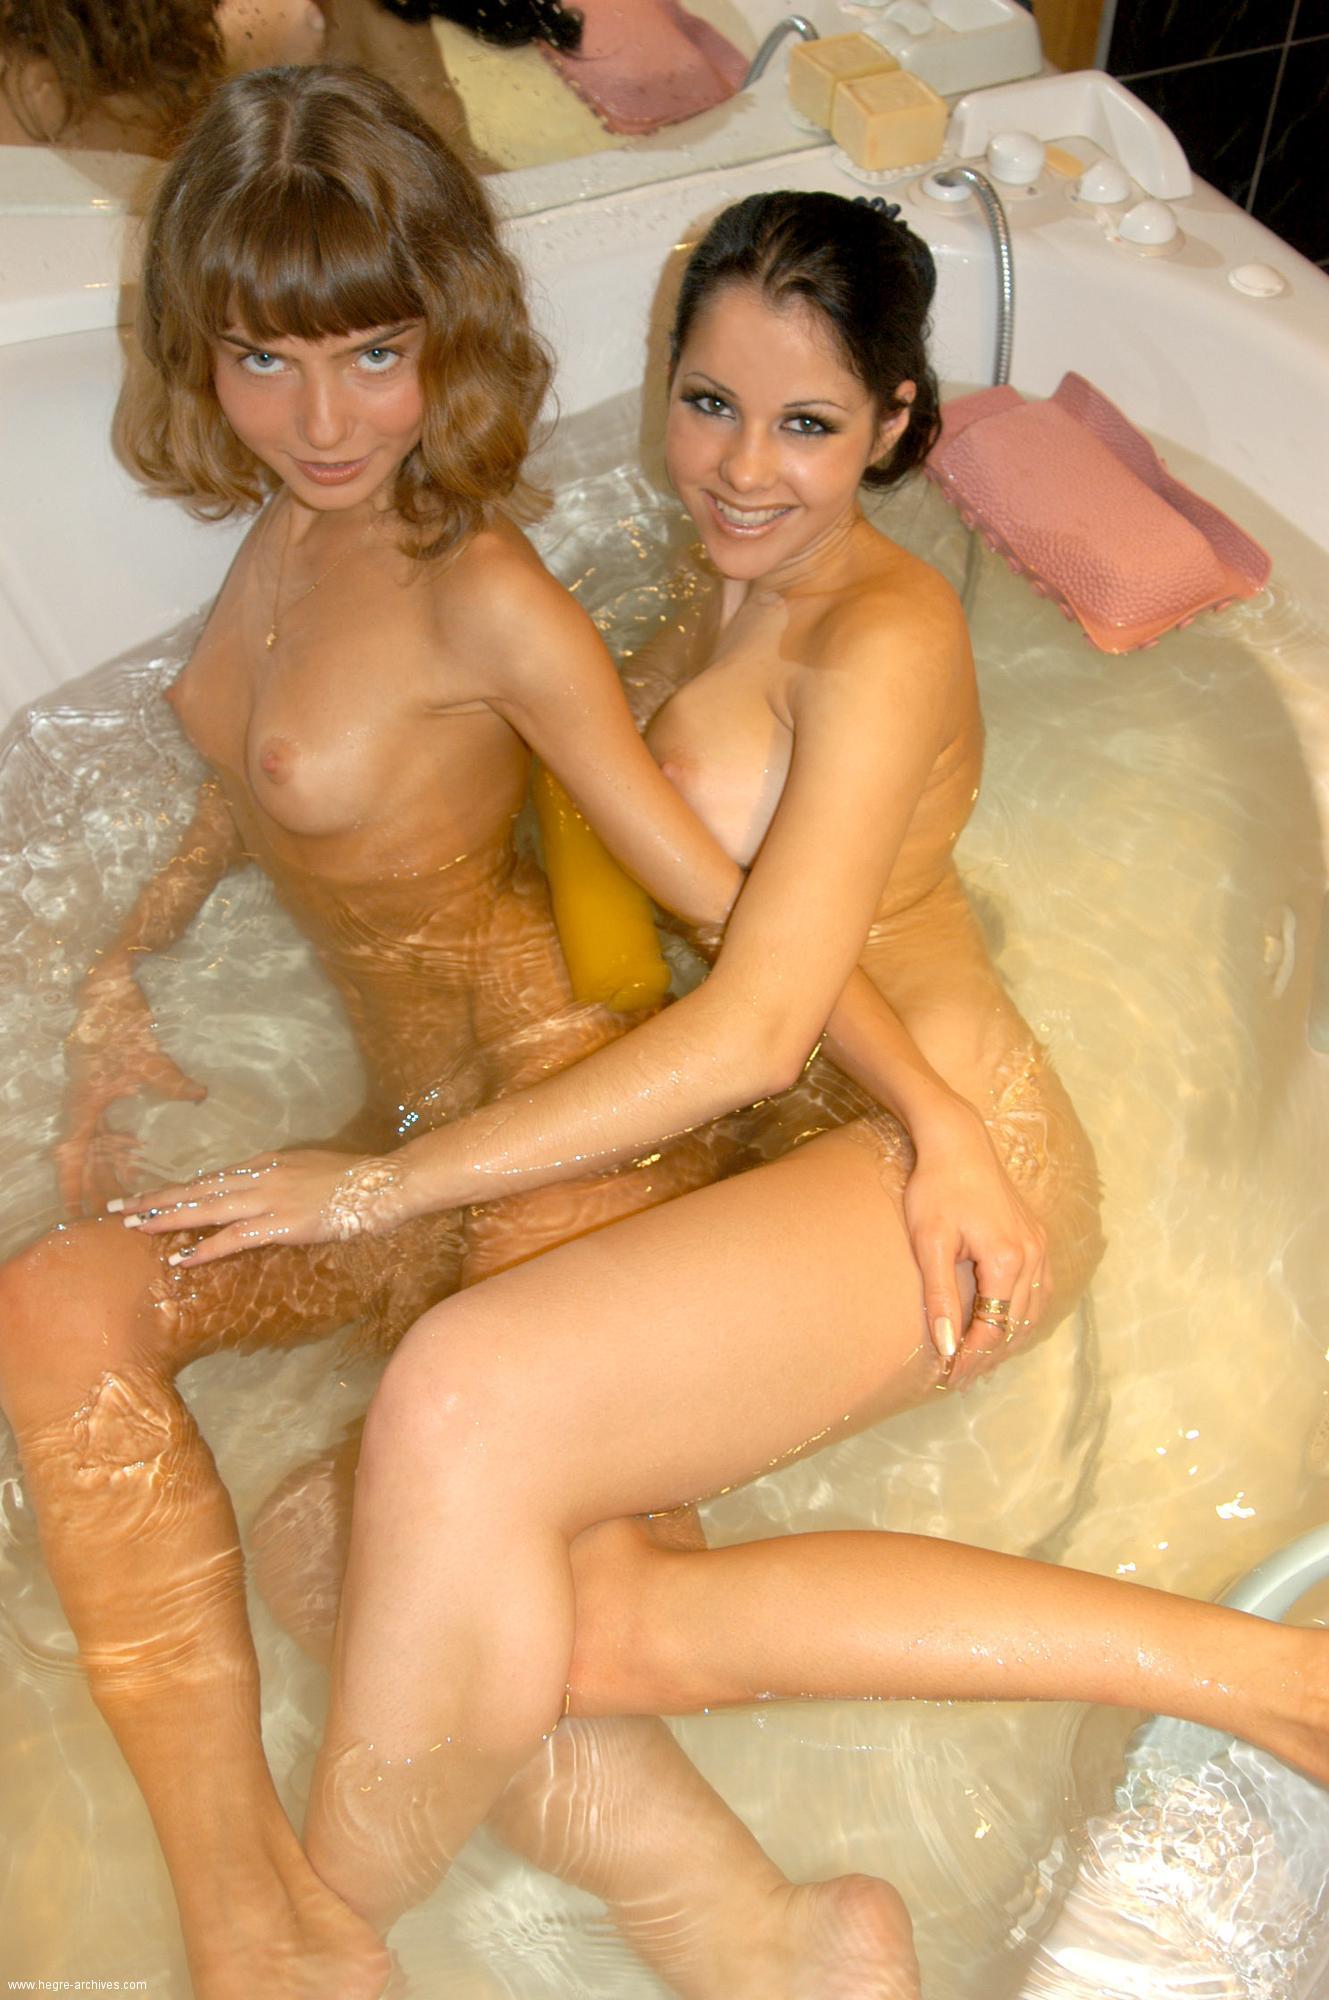 Смотреть онлайн порно бесплатно елена беркова 26 фотография